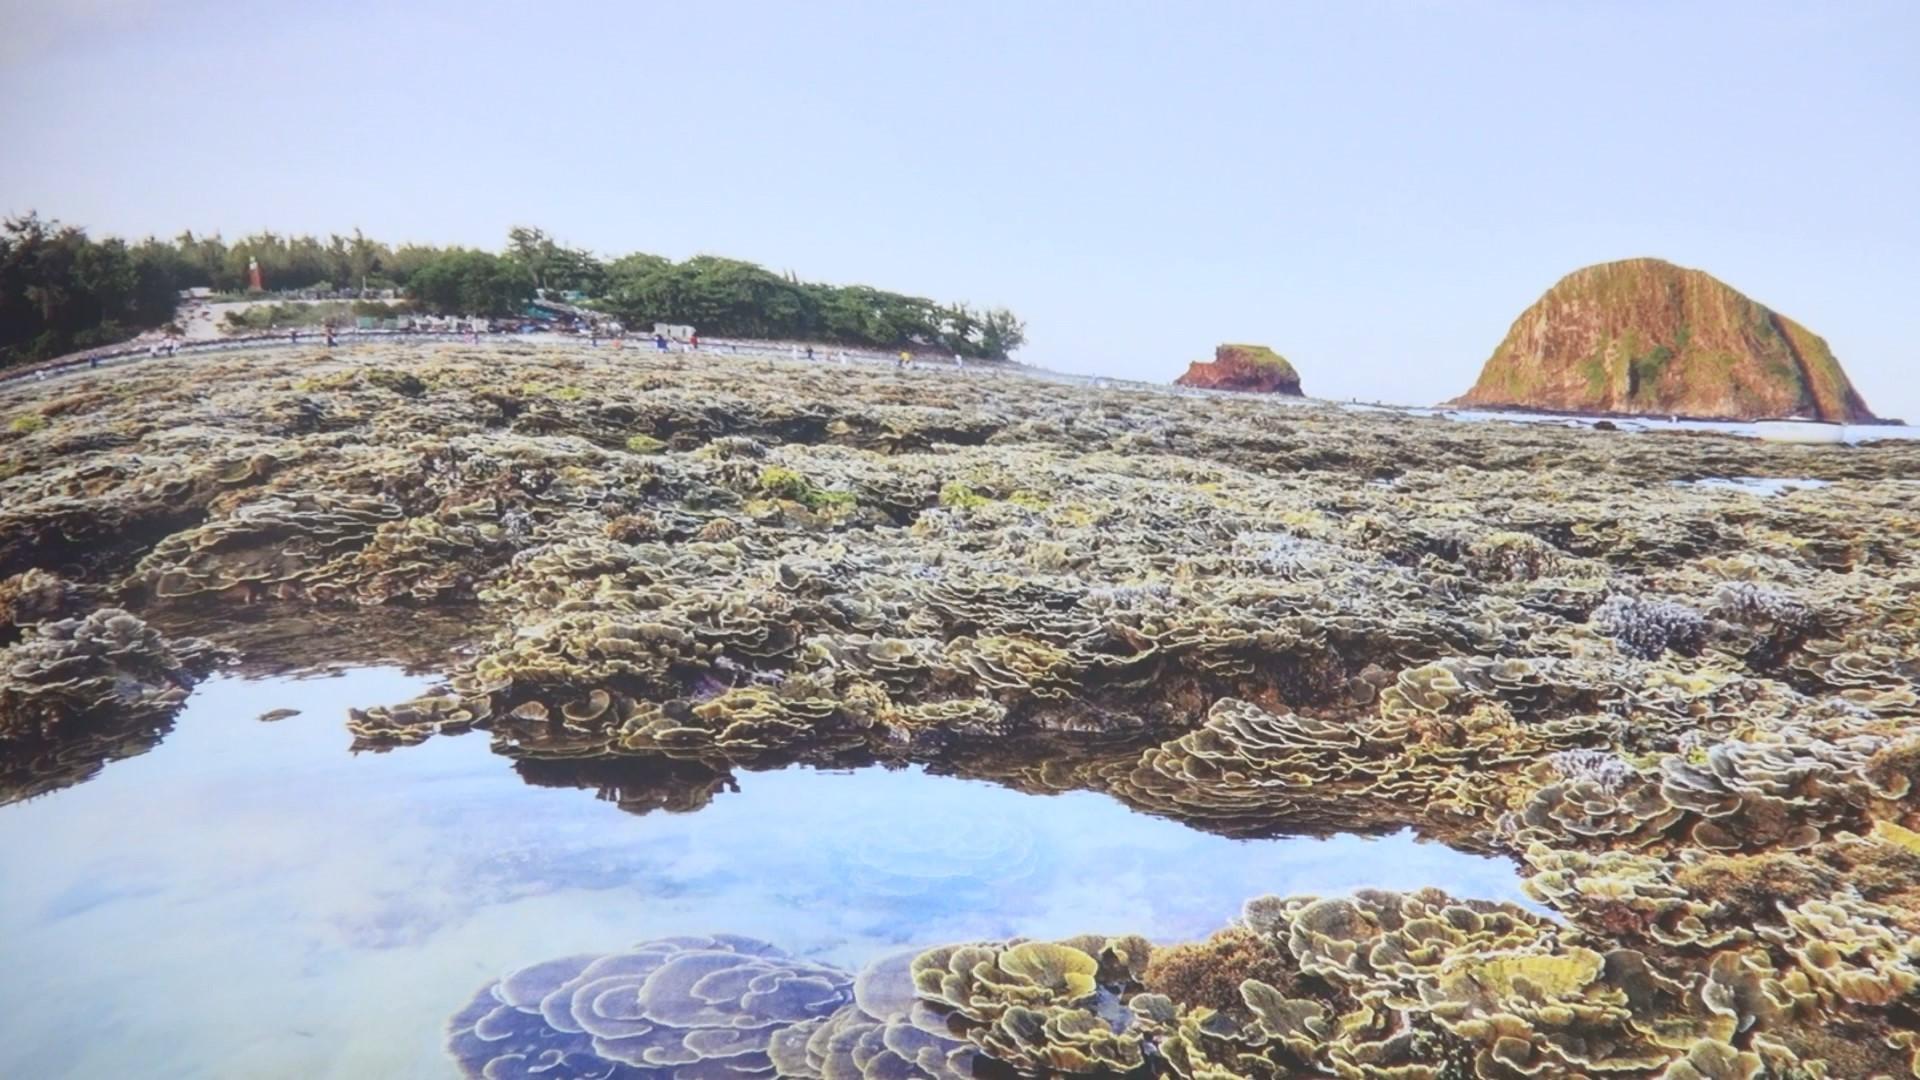 Rạn san hô Hòn Yến muốn đẹp, du khách nhớ 'nhẹ chân' giúp! Ảnh 4